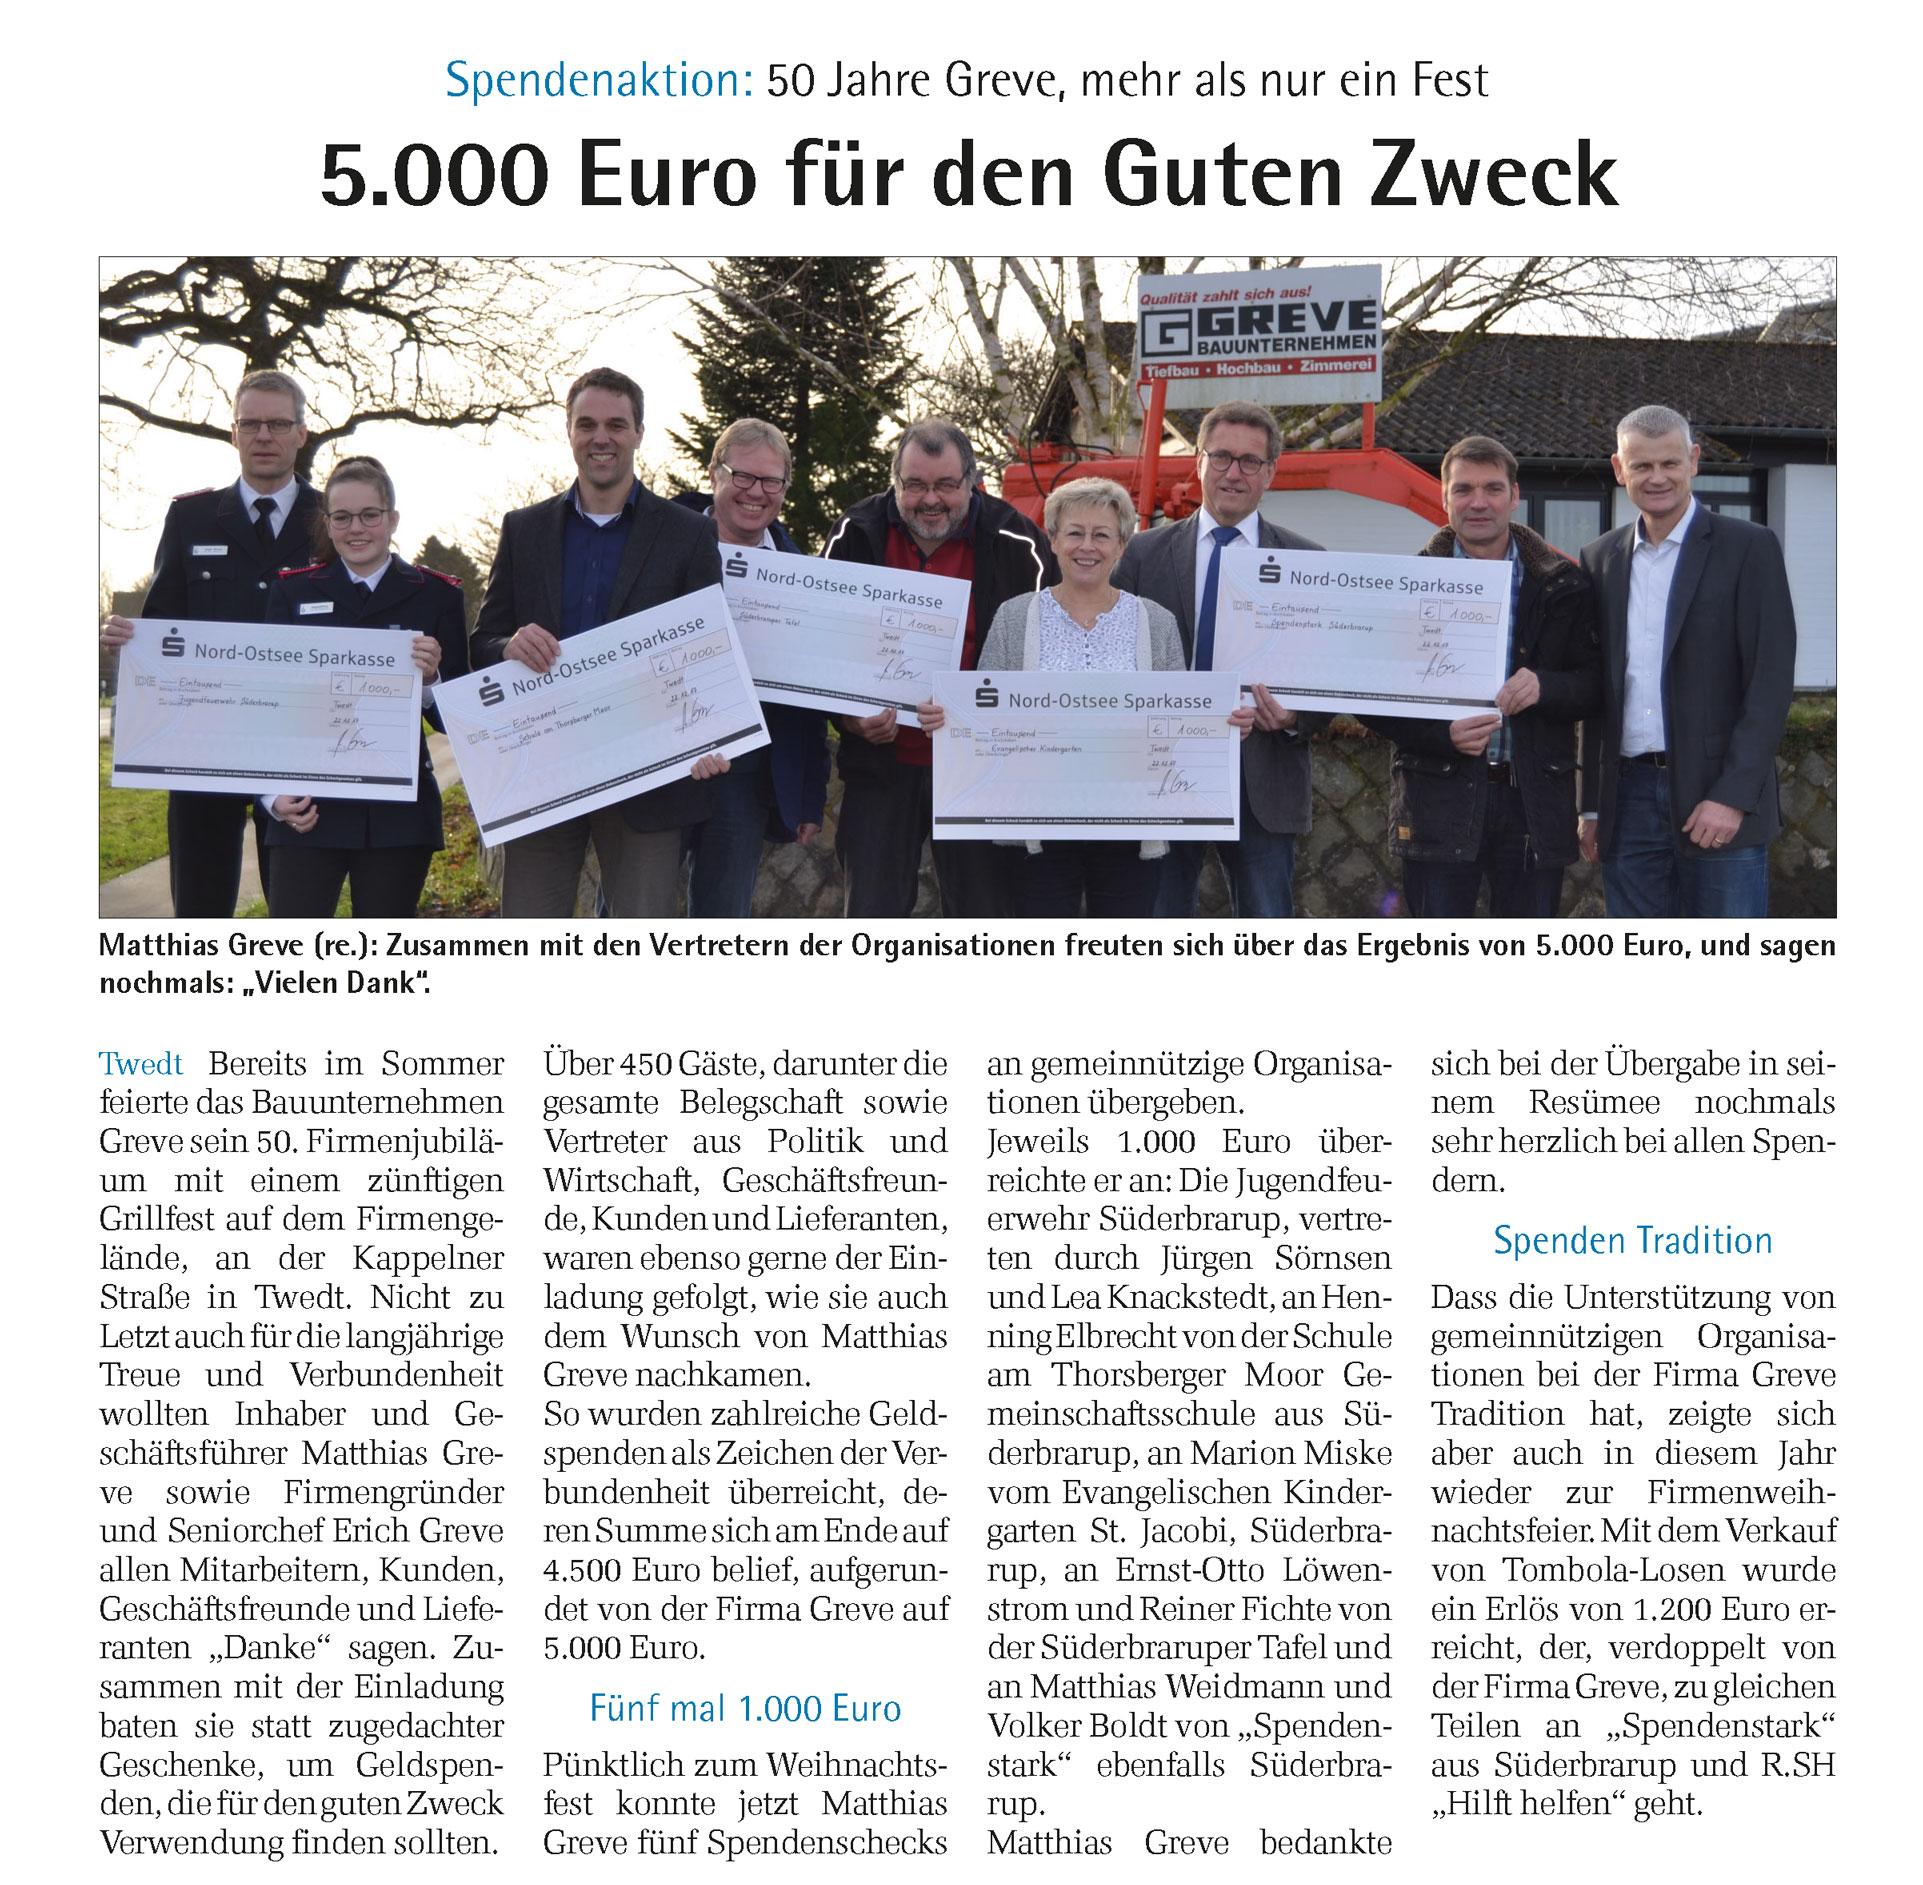 """""""Spendenaktion: 50 Jahre Greve, mehr als nur ein Fest"""""""